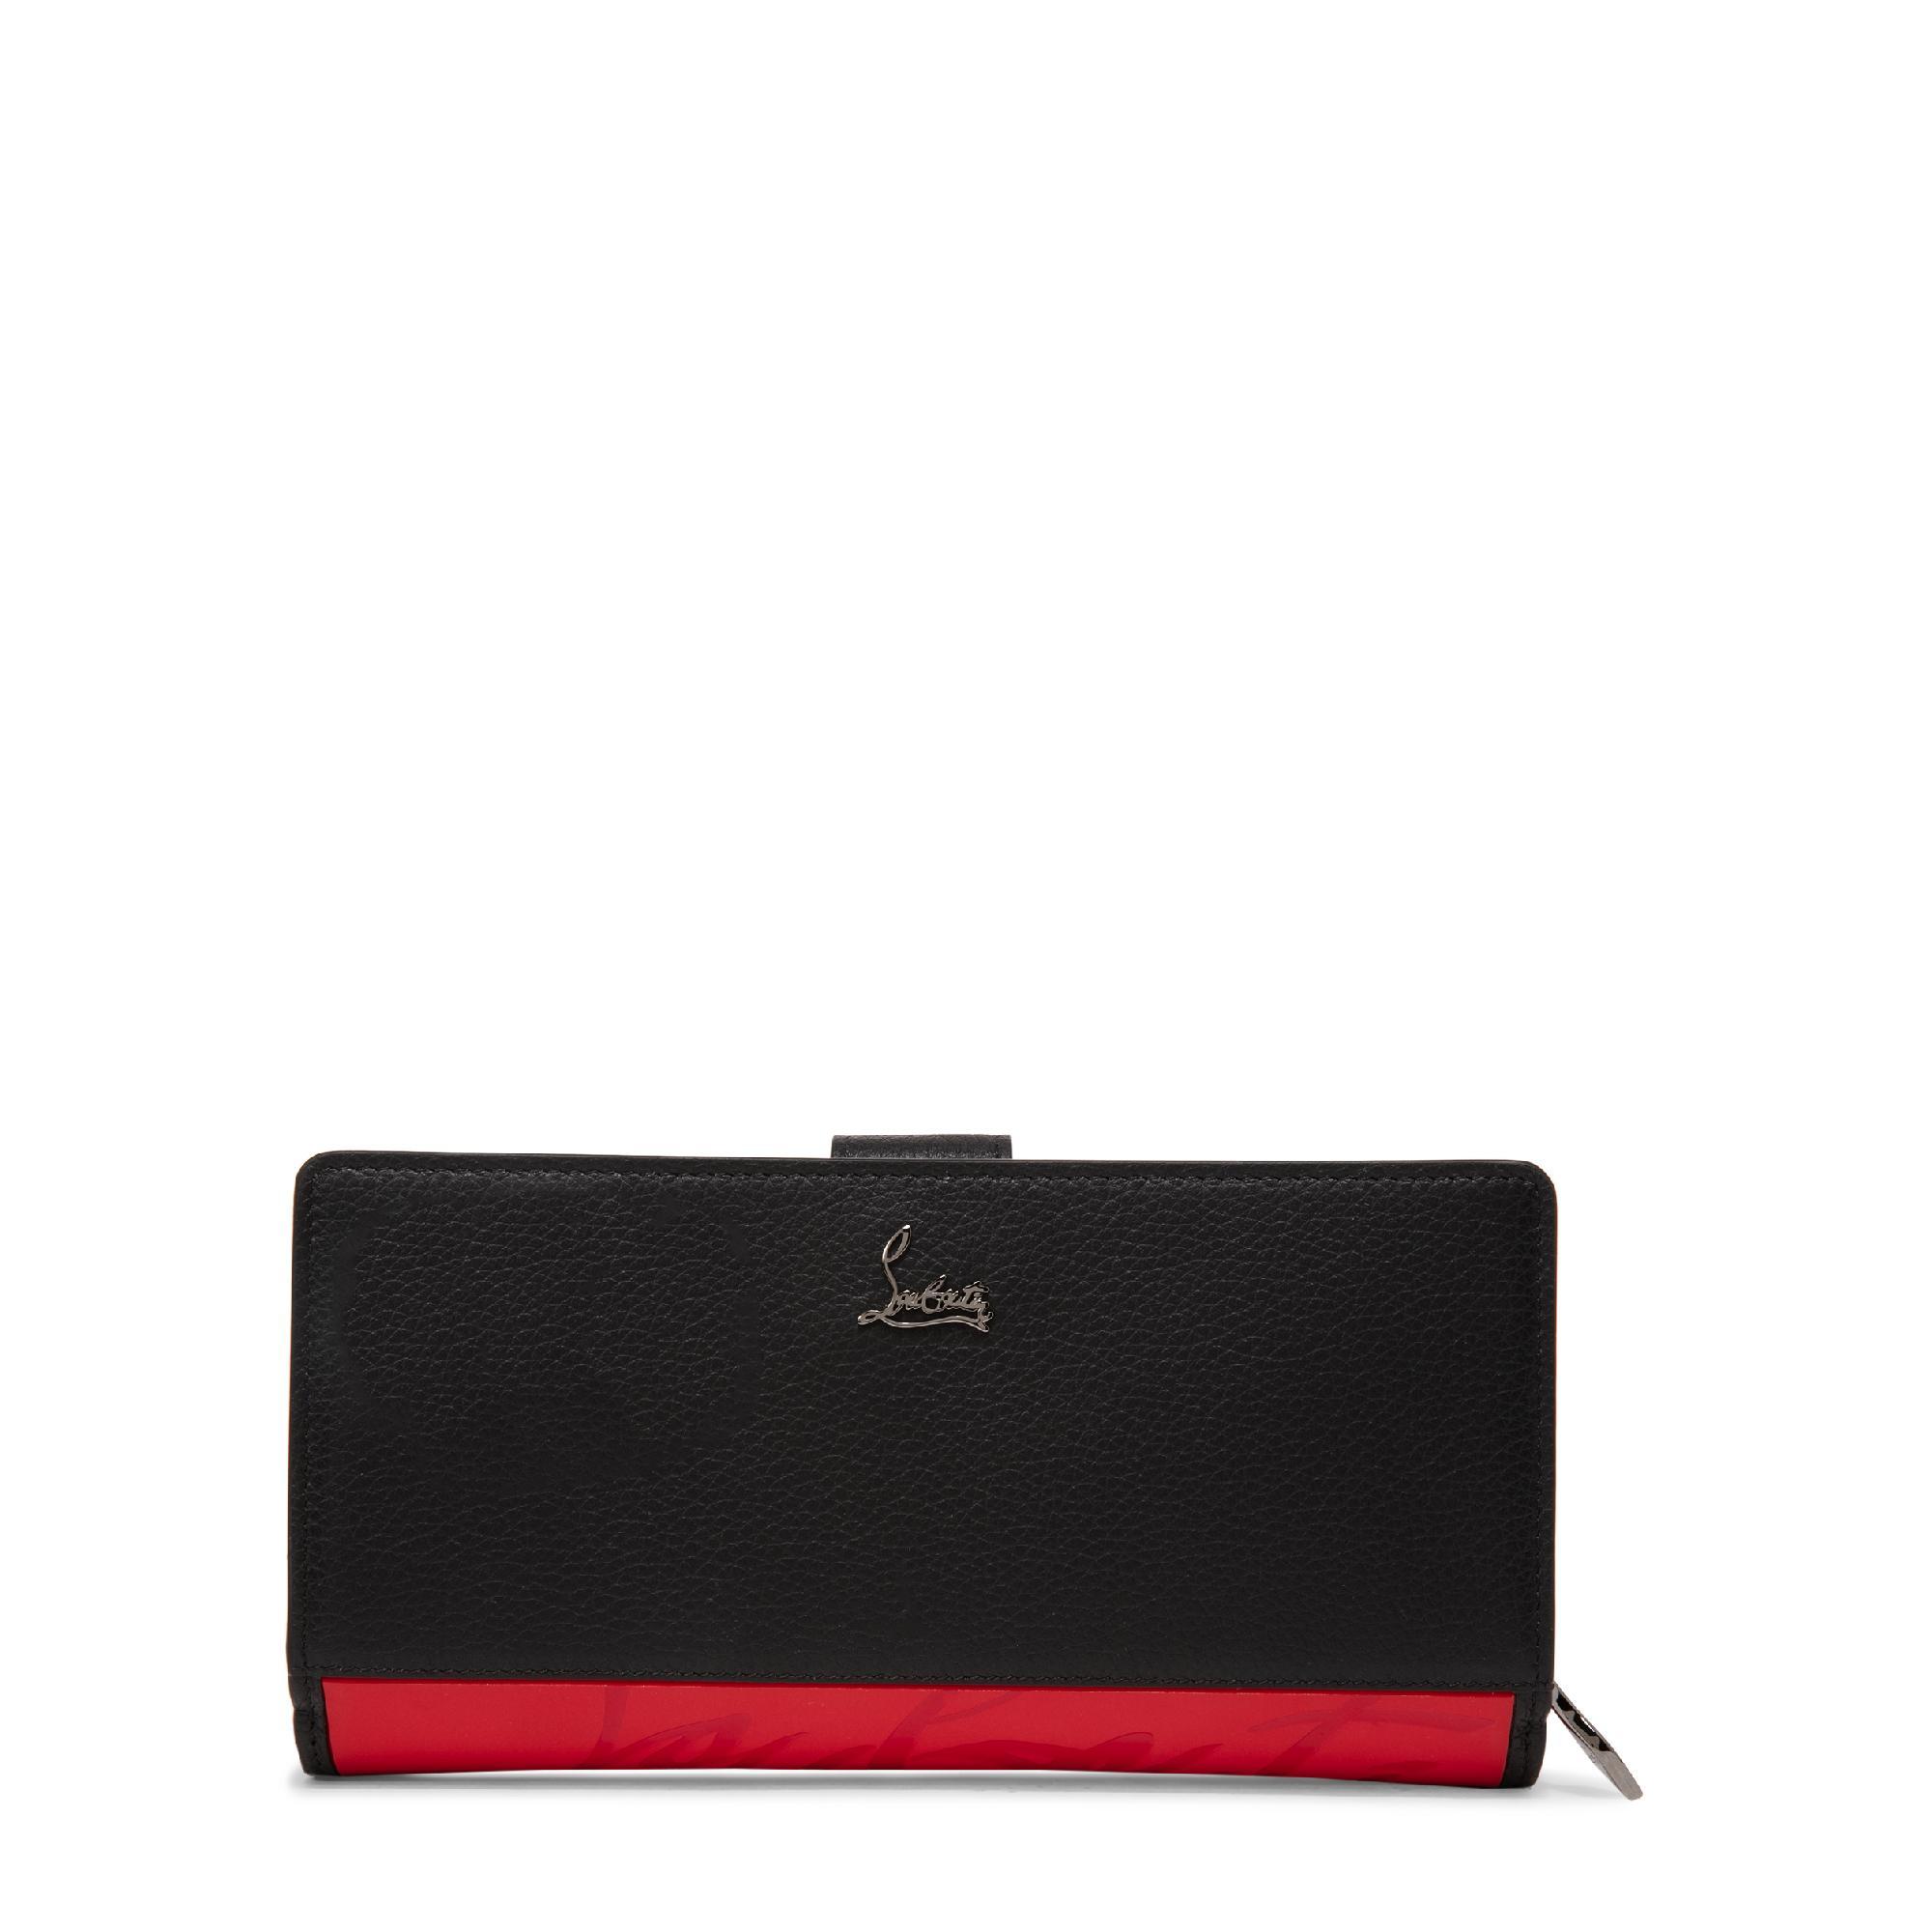 Paloma wallet